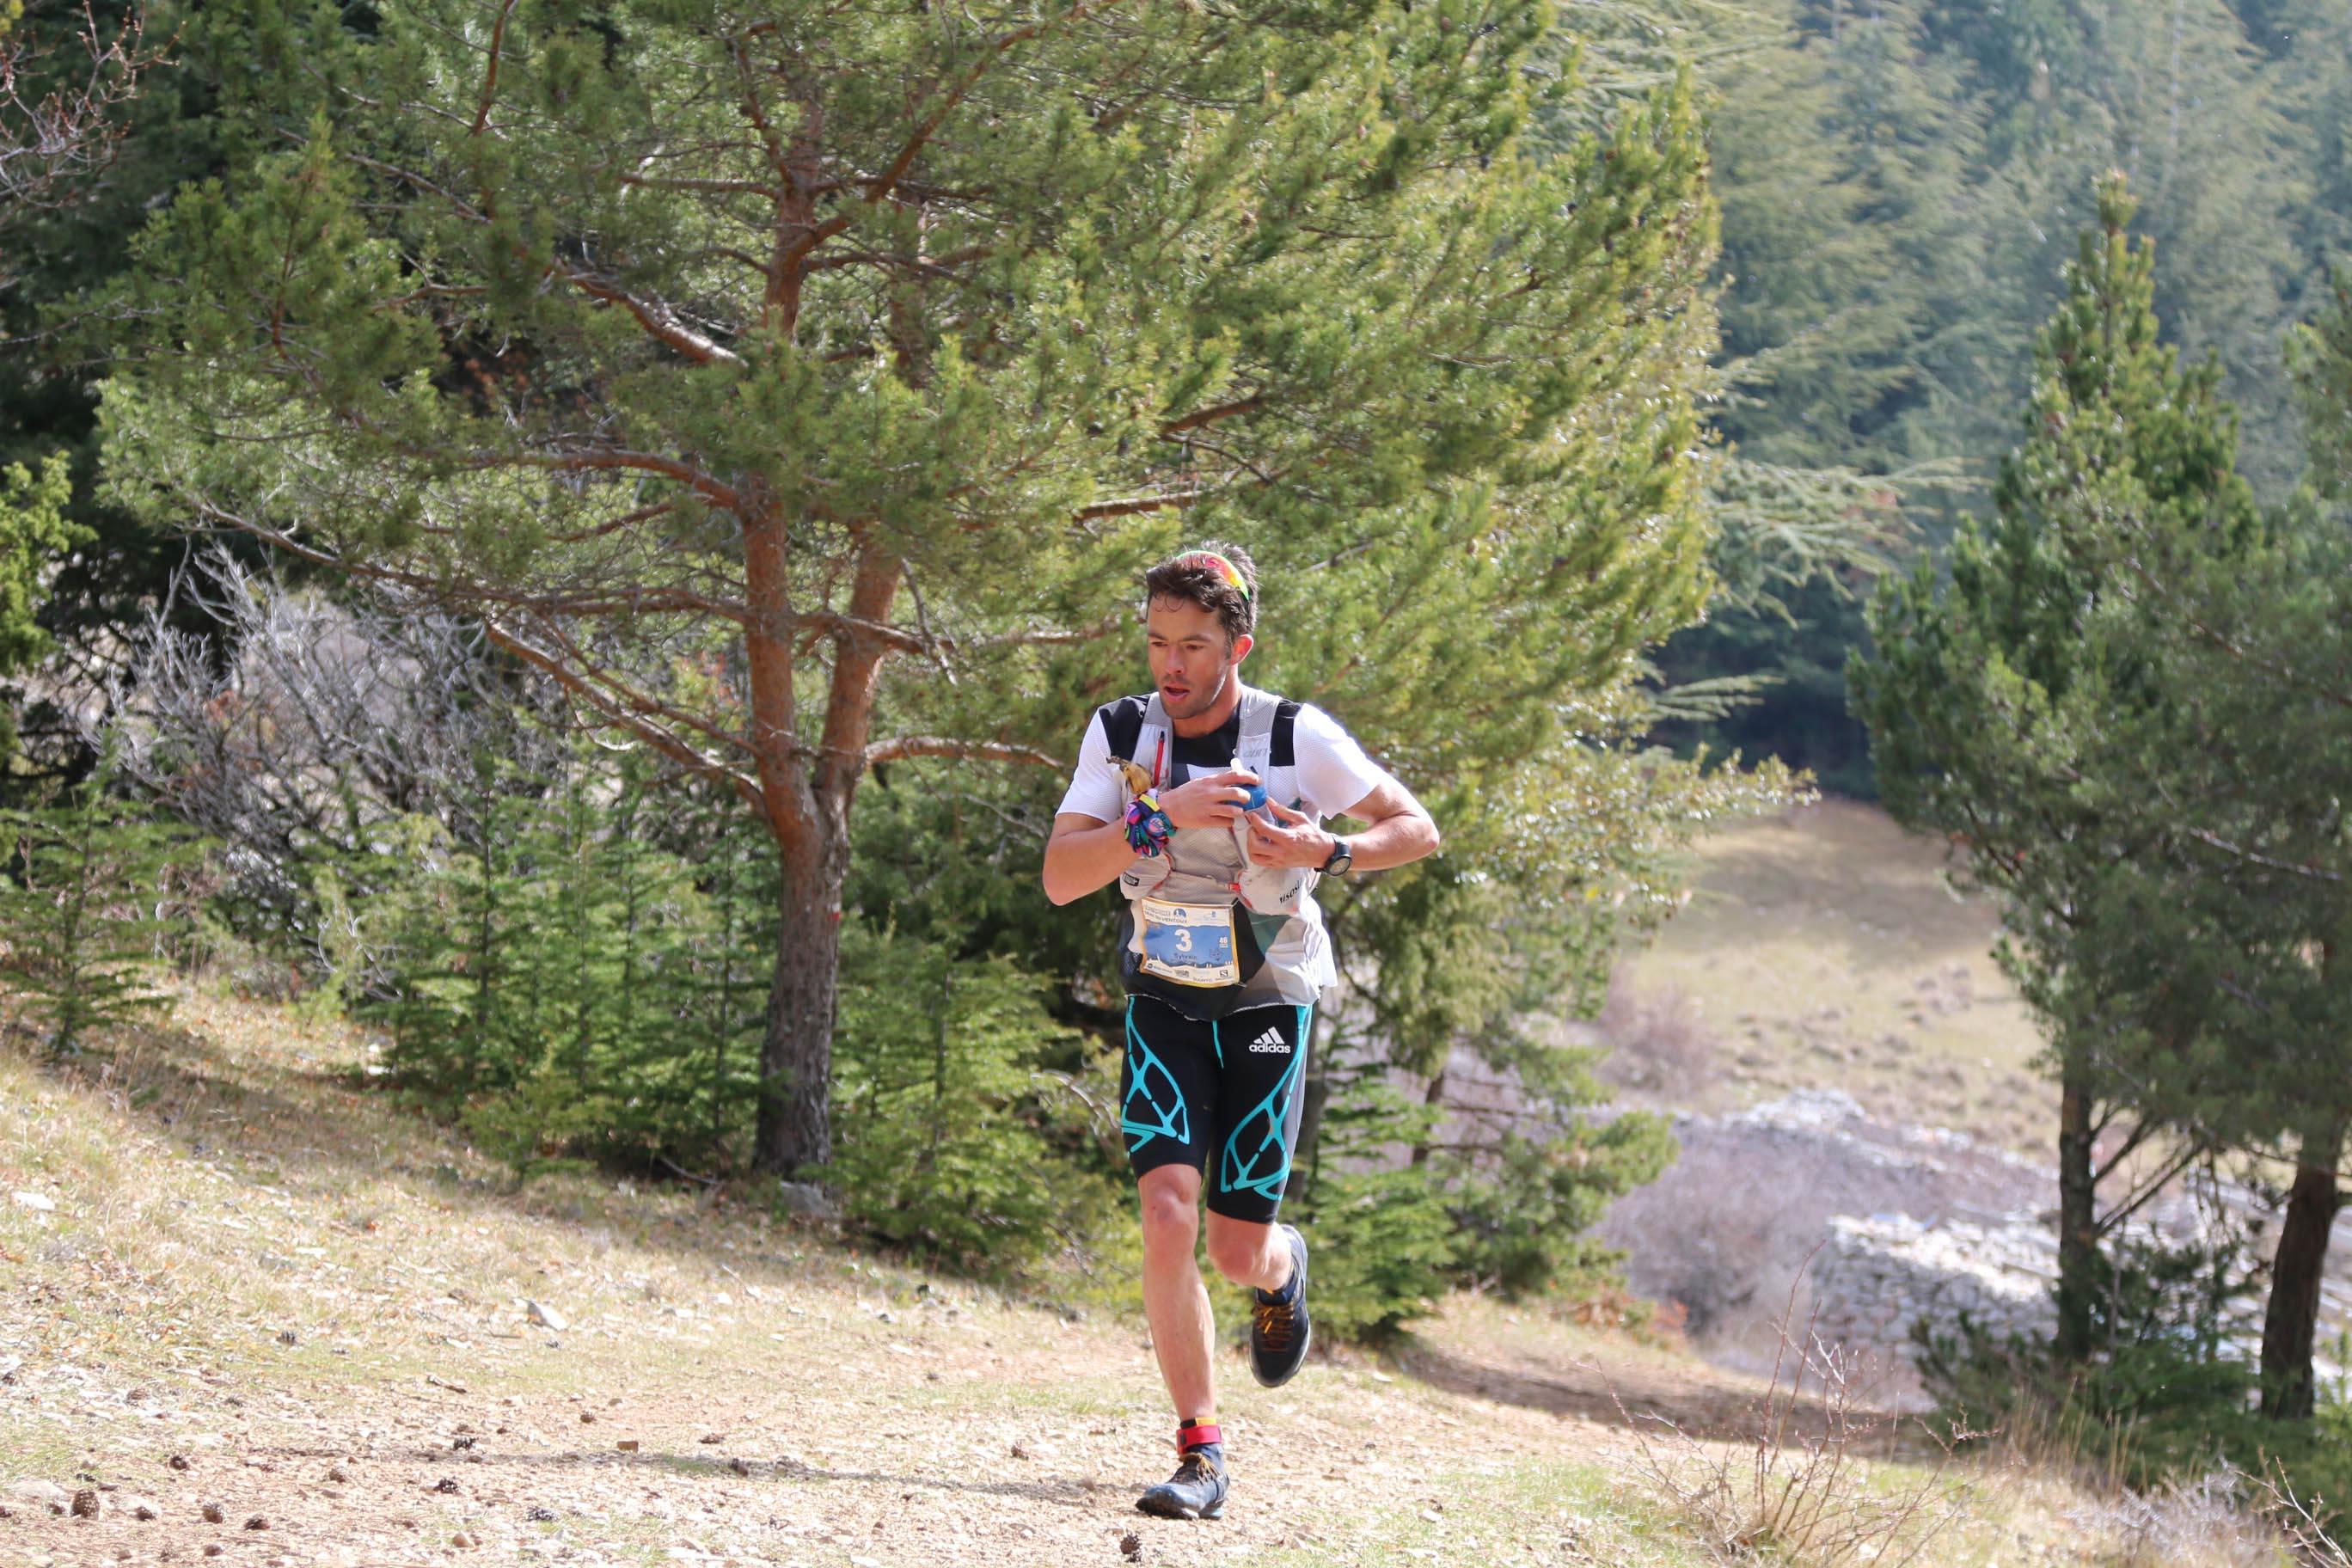 2 Sylvain Court 46 km trail de Ventoux photo Robert Goin - ERGYSPORT TRAIL DU VENTOUX 2017: GROS PLATEAU SUR LES PENTES DU MONT CHAUVE !